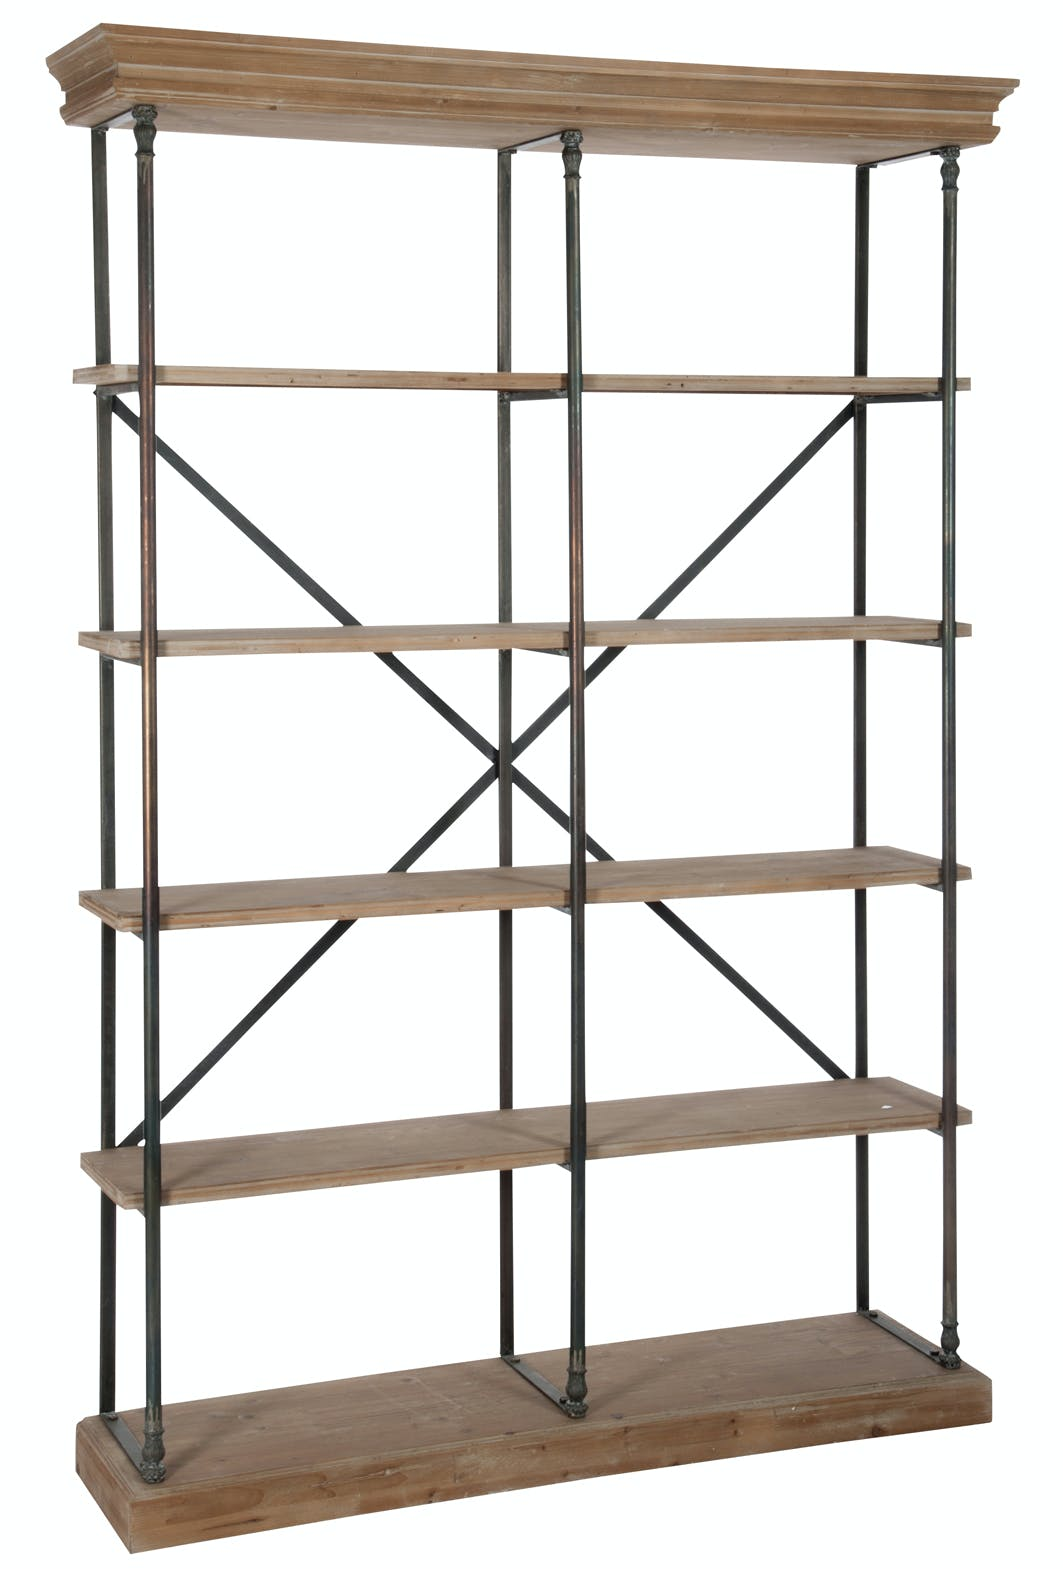 Etagère haute 5 niveaux bois et métal noir - 148x39x214cm